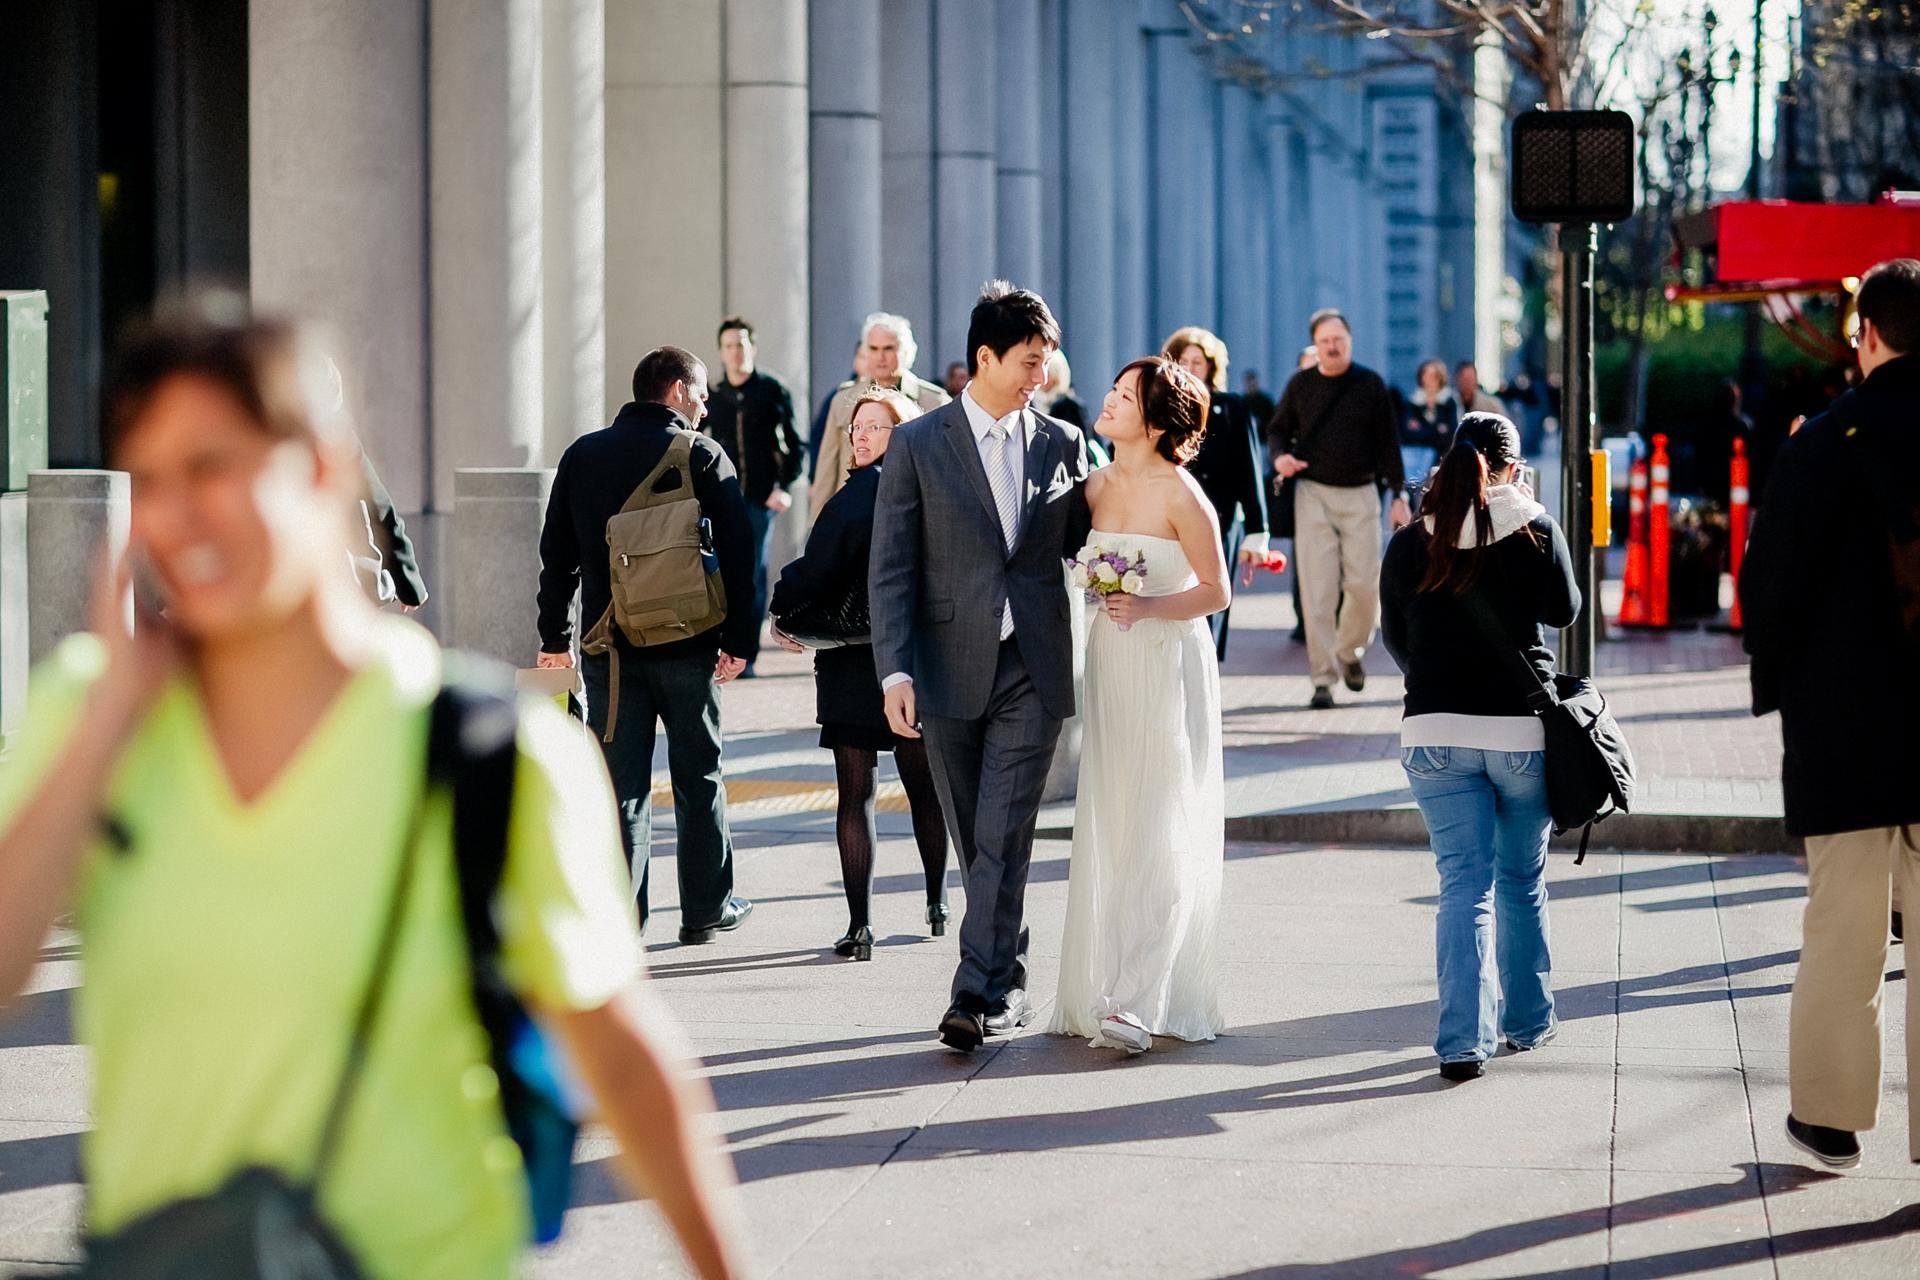 Immagine di fuga d'amore al municipio di San Francisco | Una romantica passeggiata in città